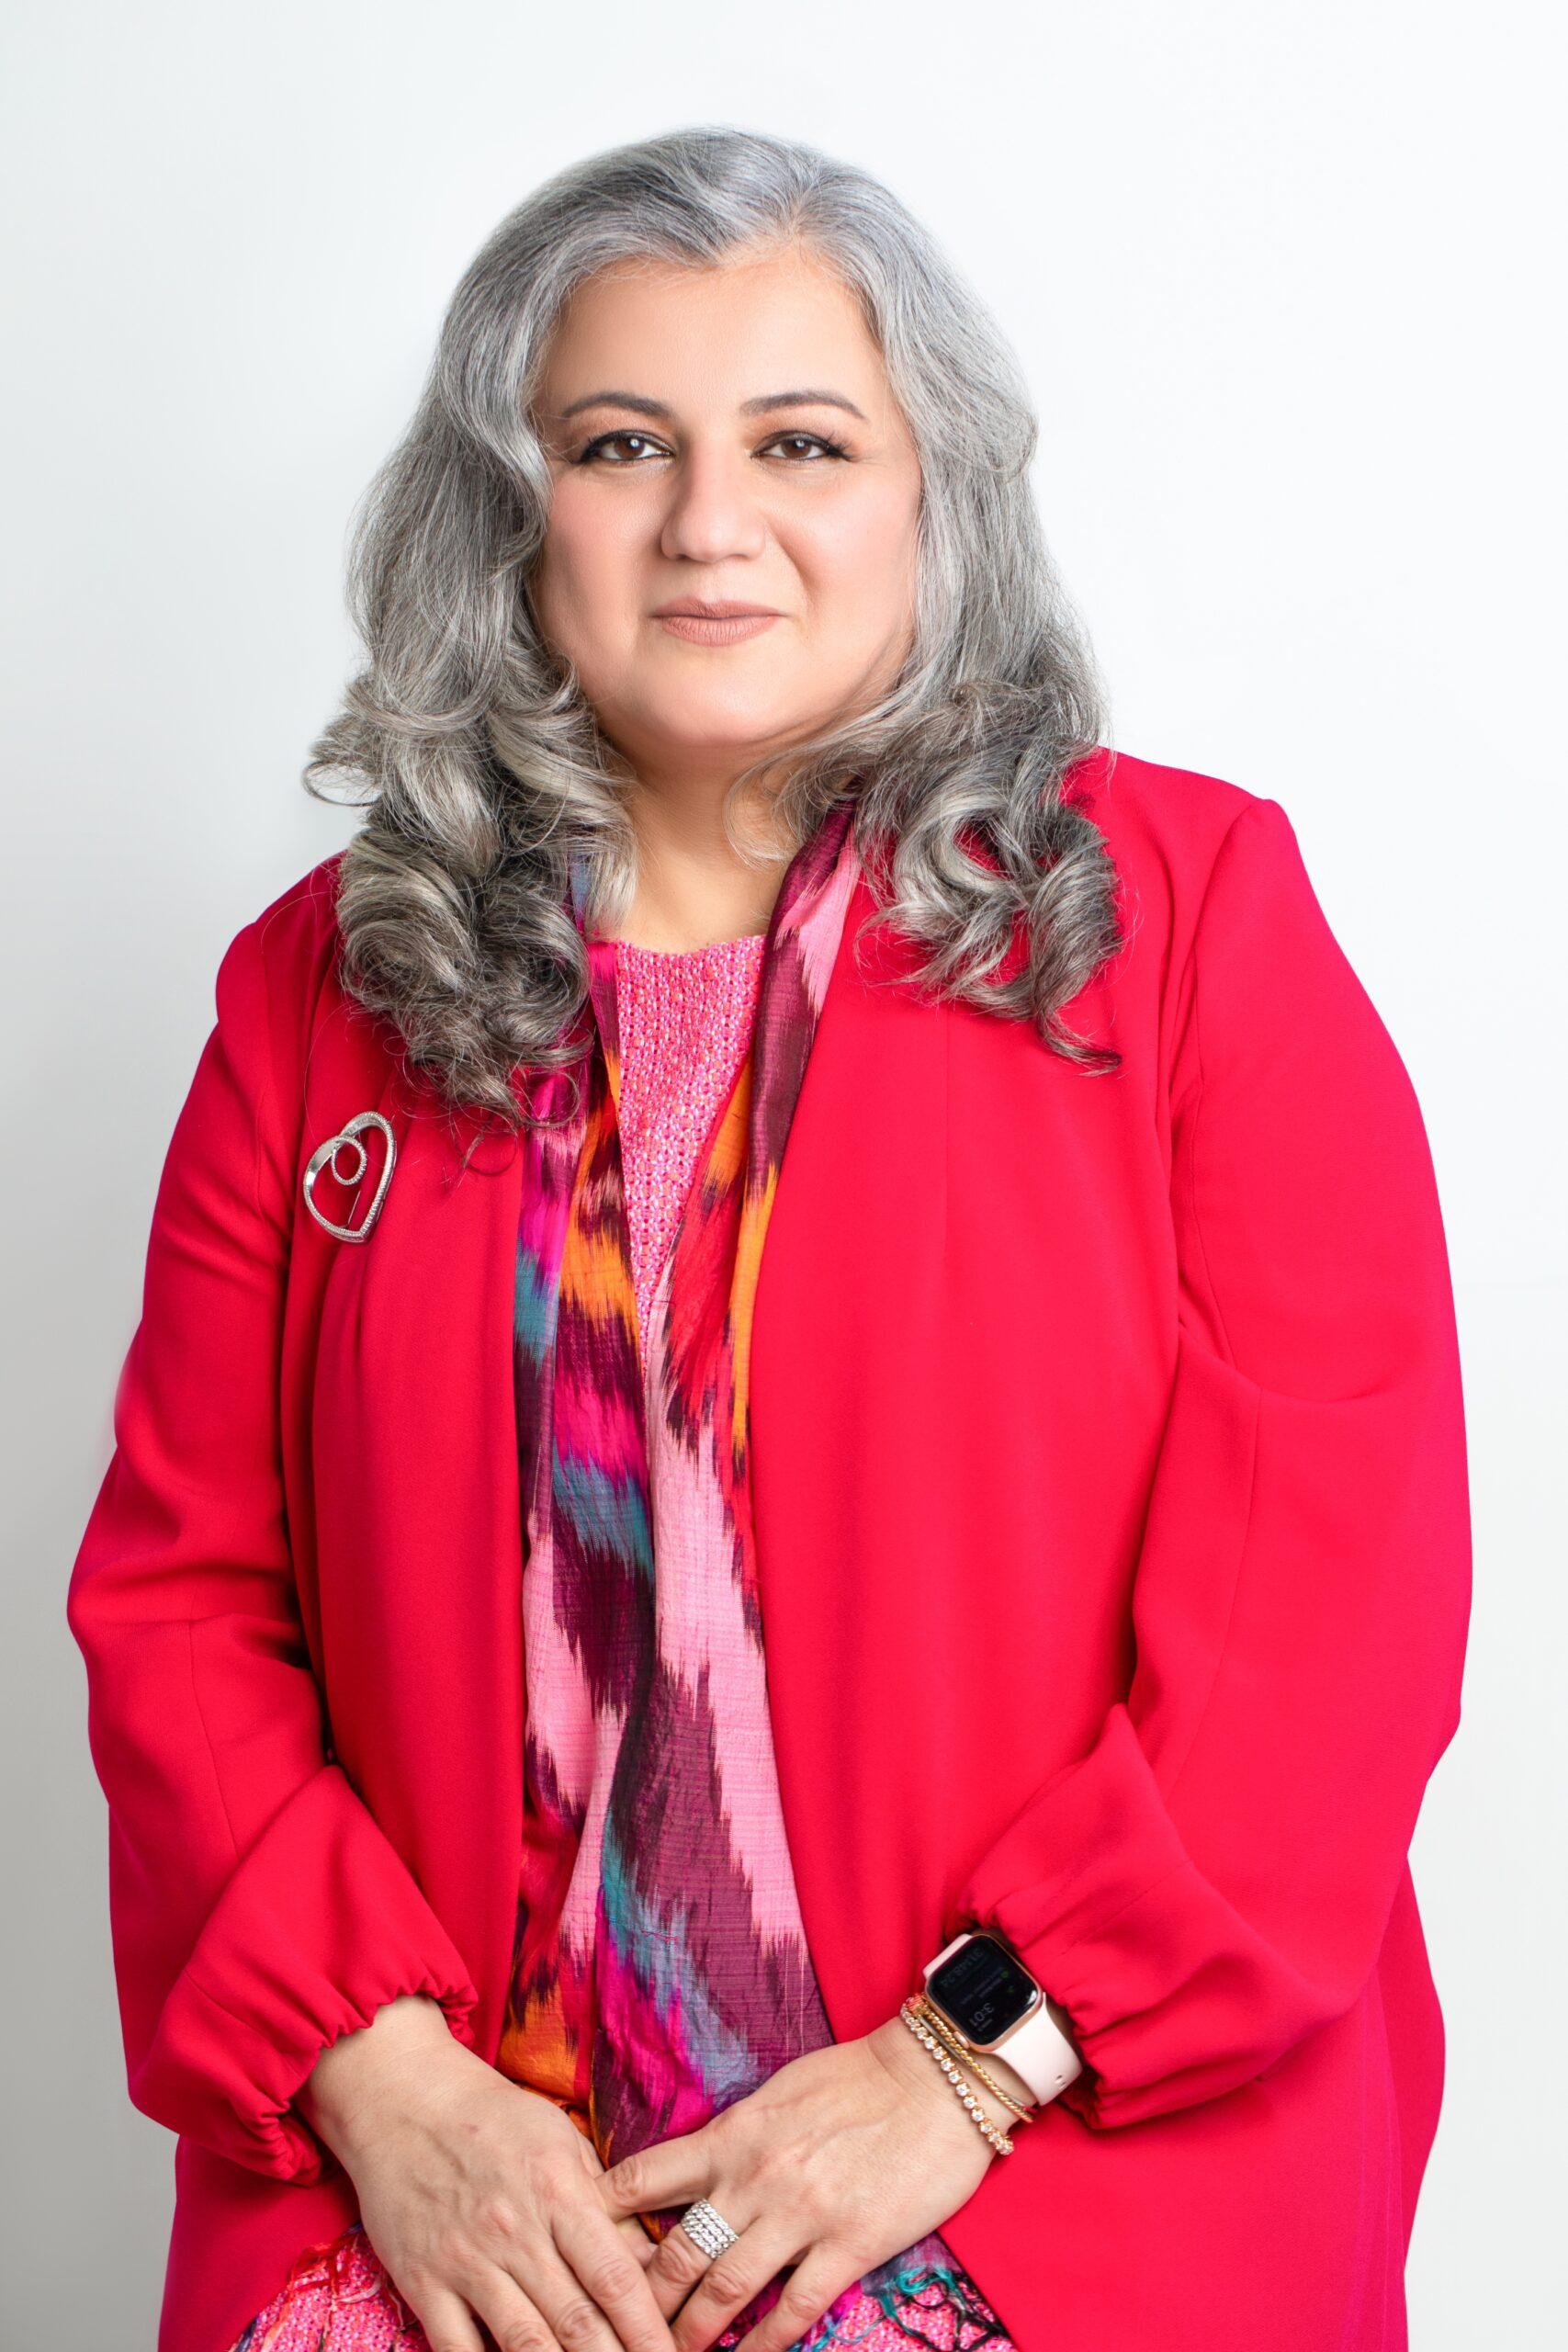 Layla Almusawi